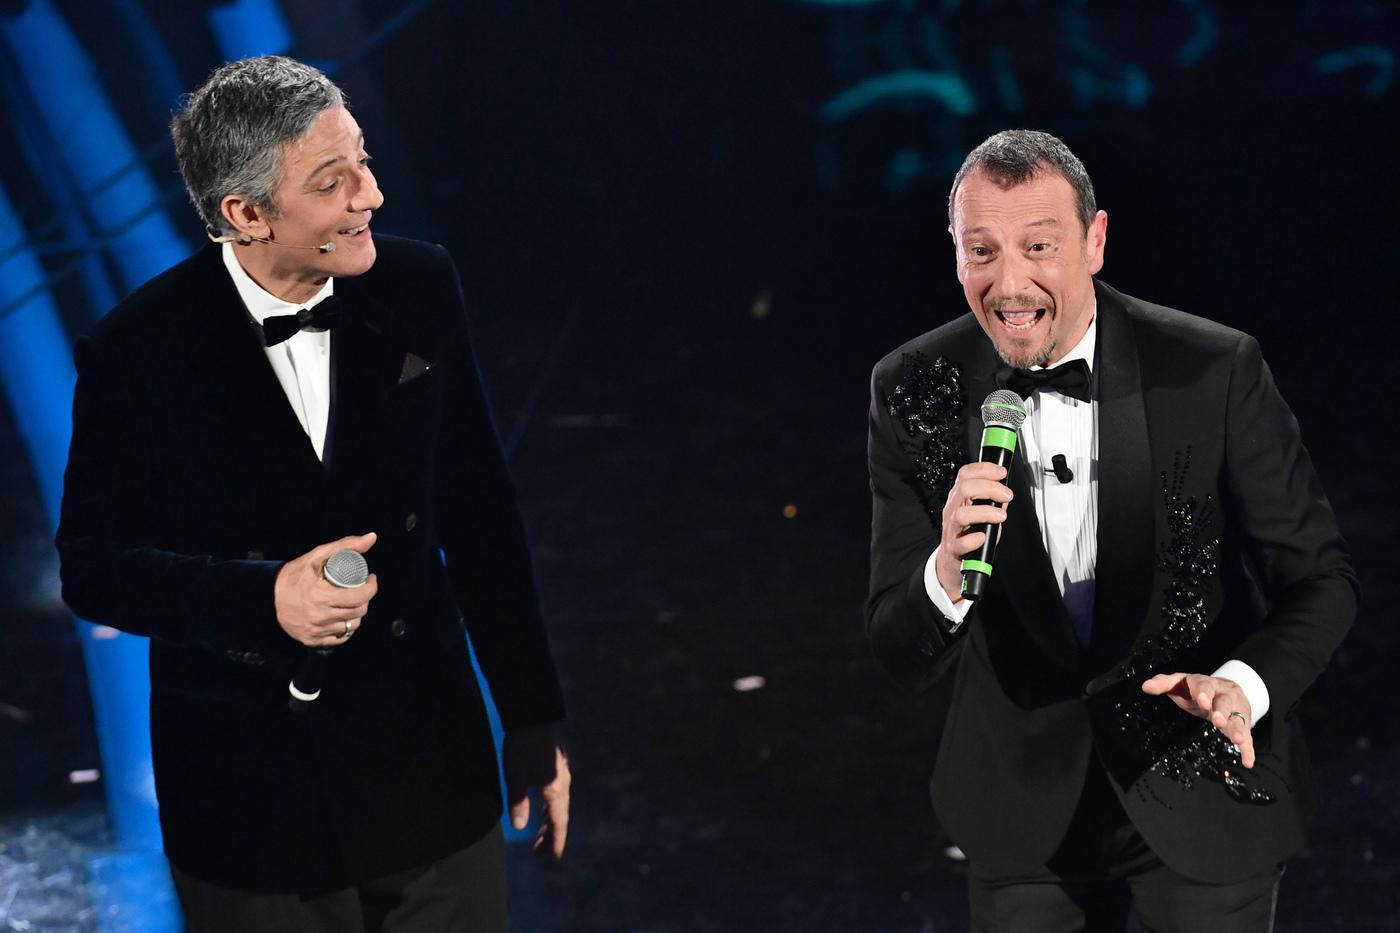 Fiorello sarà ancora a fianco di Amadeus per l'edizione 2021 del Festival di Sanremo